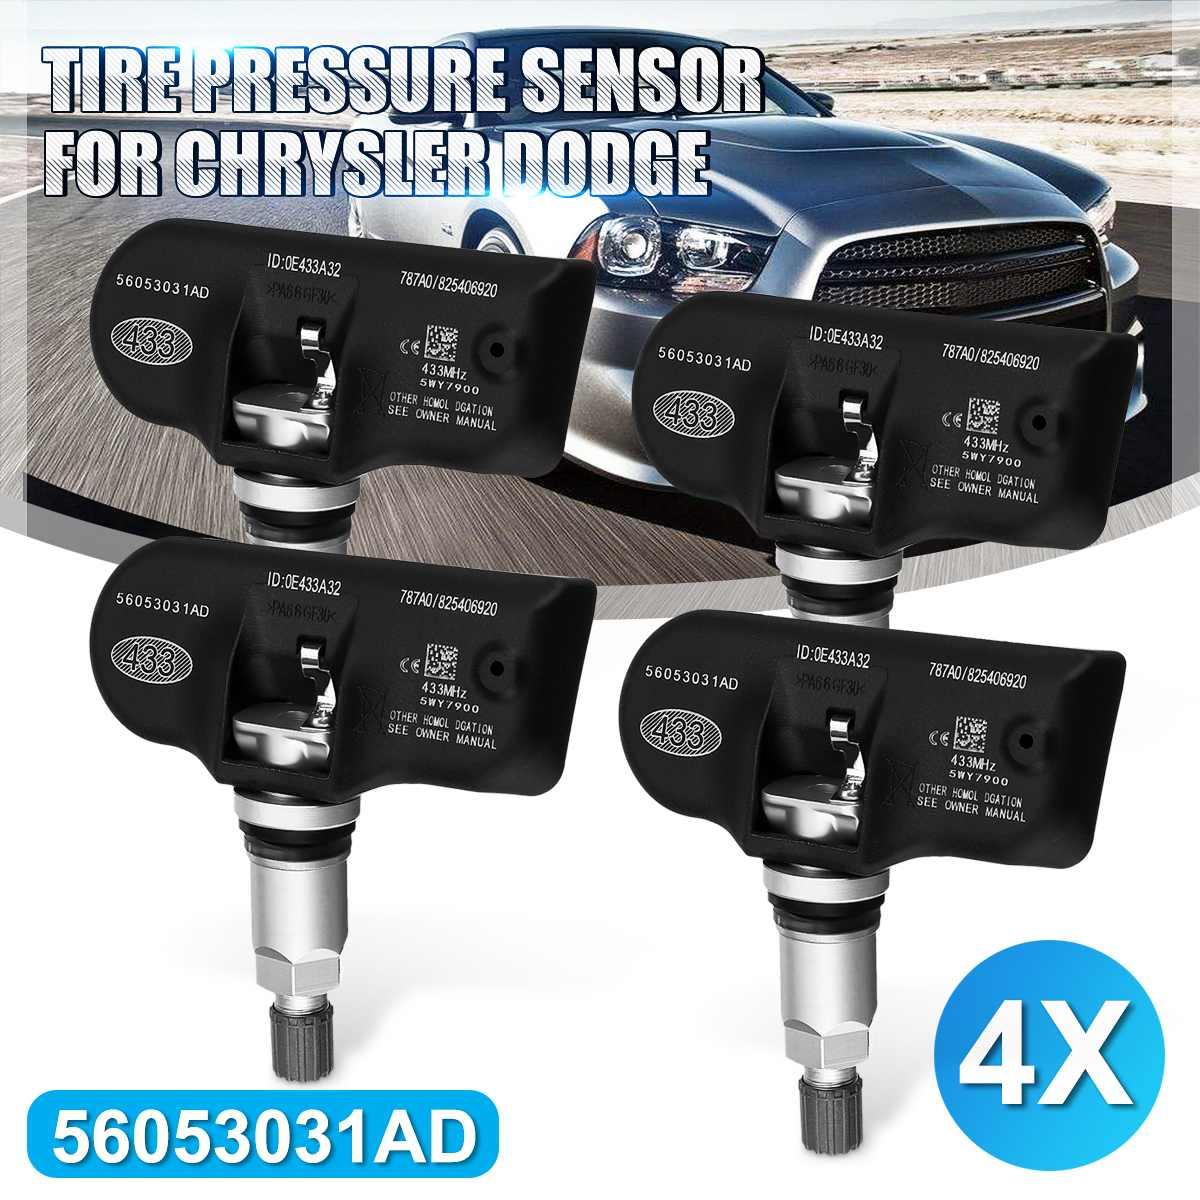 4pcs 56053031AD Tire Pressure Monitoring Sensor TPMS For Chrysler 200 300 Sebring For Dodge Avenger Caliber Jounrey